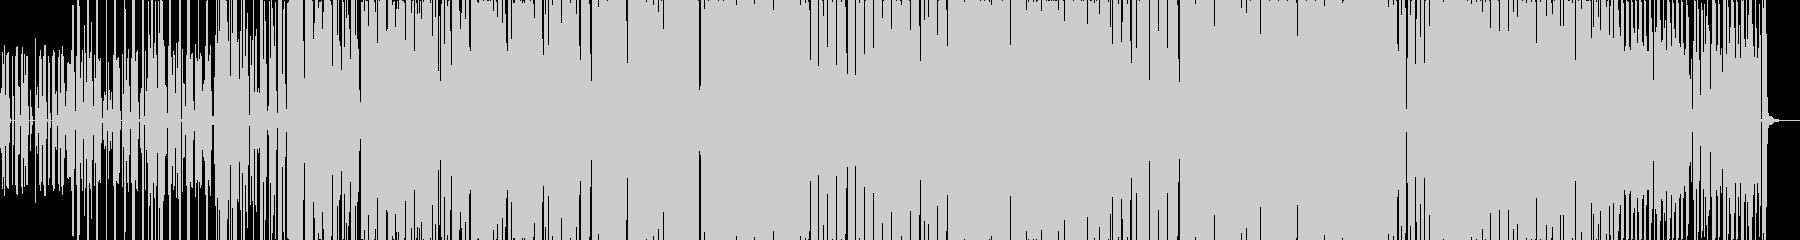 ユニークなボイスサウンドのテクノの未再生の波形